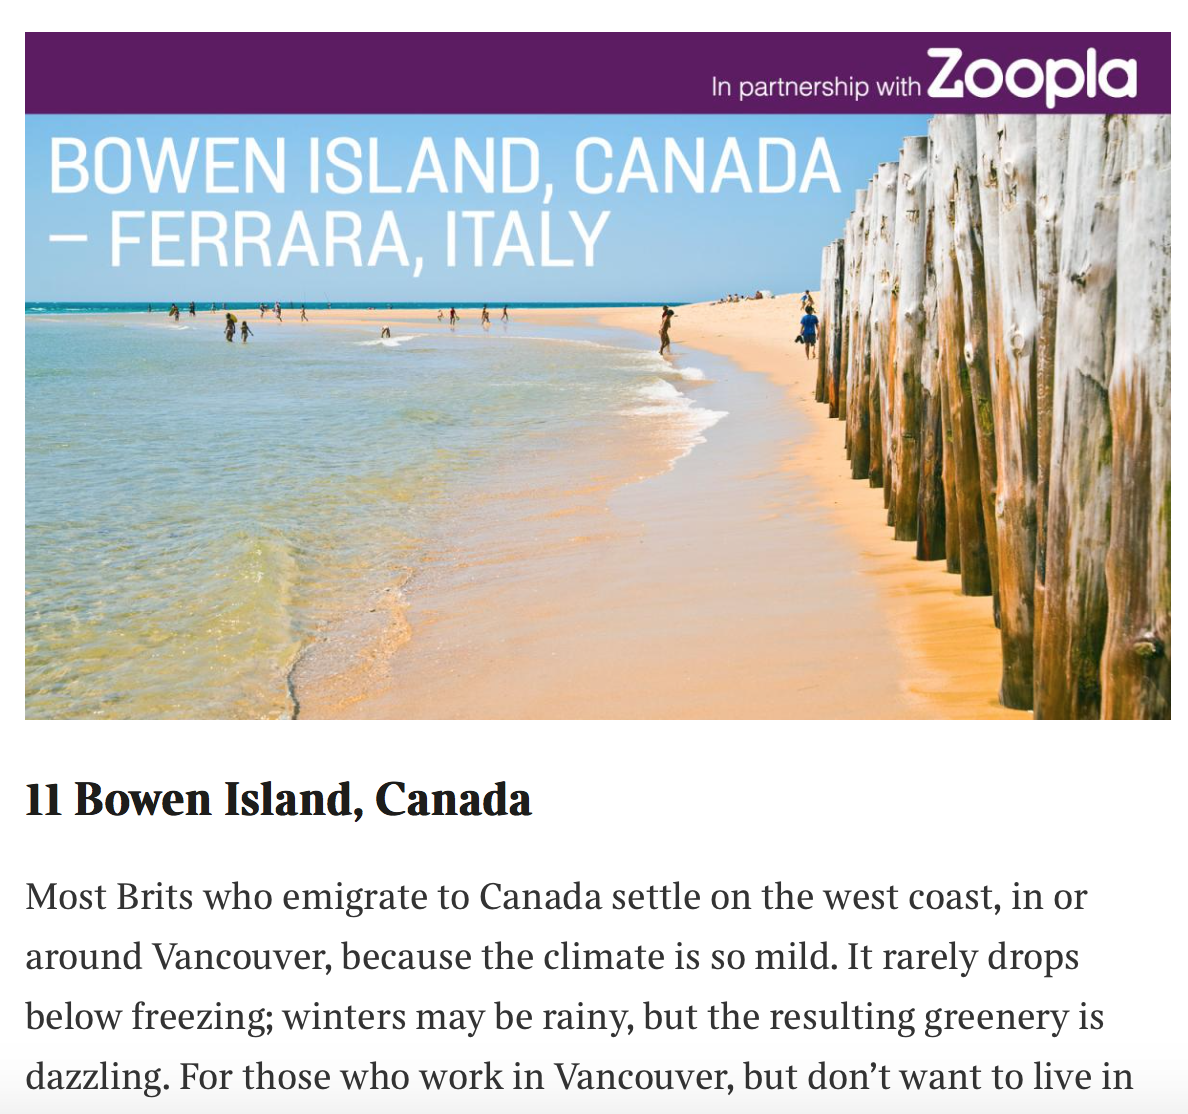 Tourism Bowen